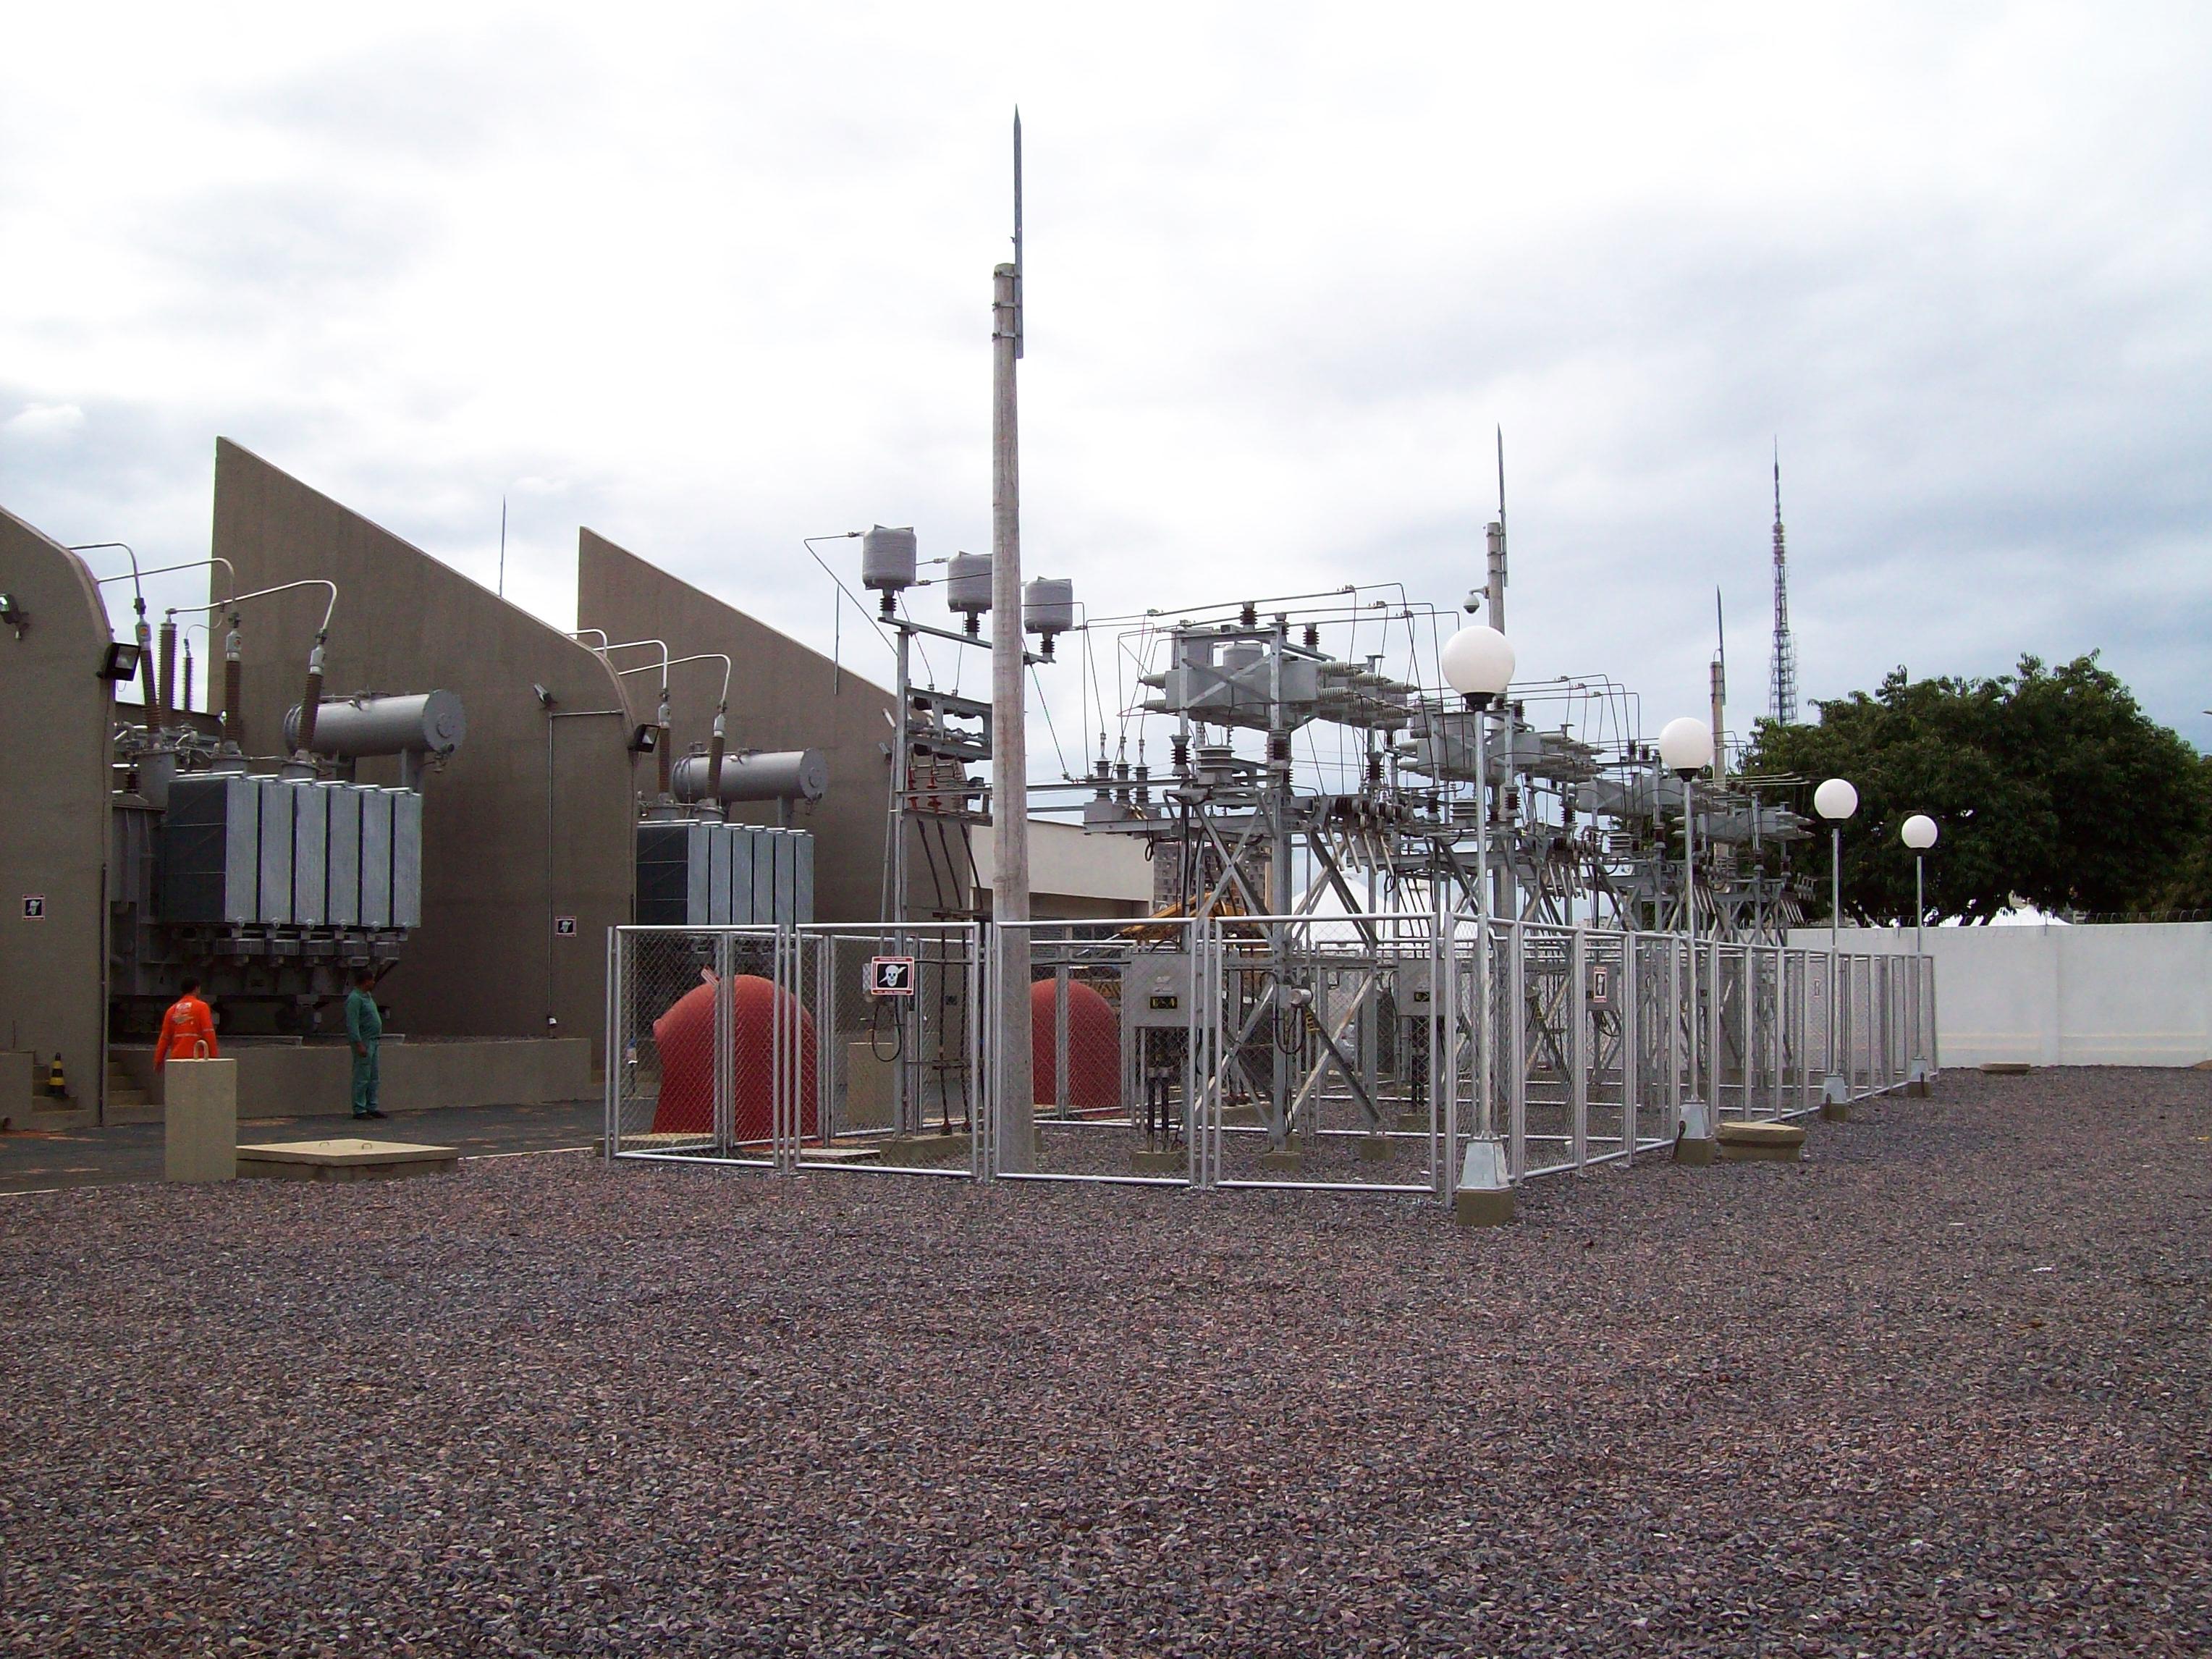 Subestação CEB - Asa Norte